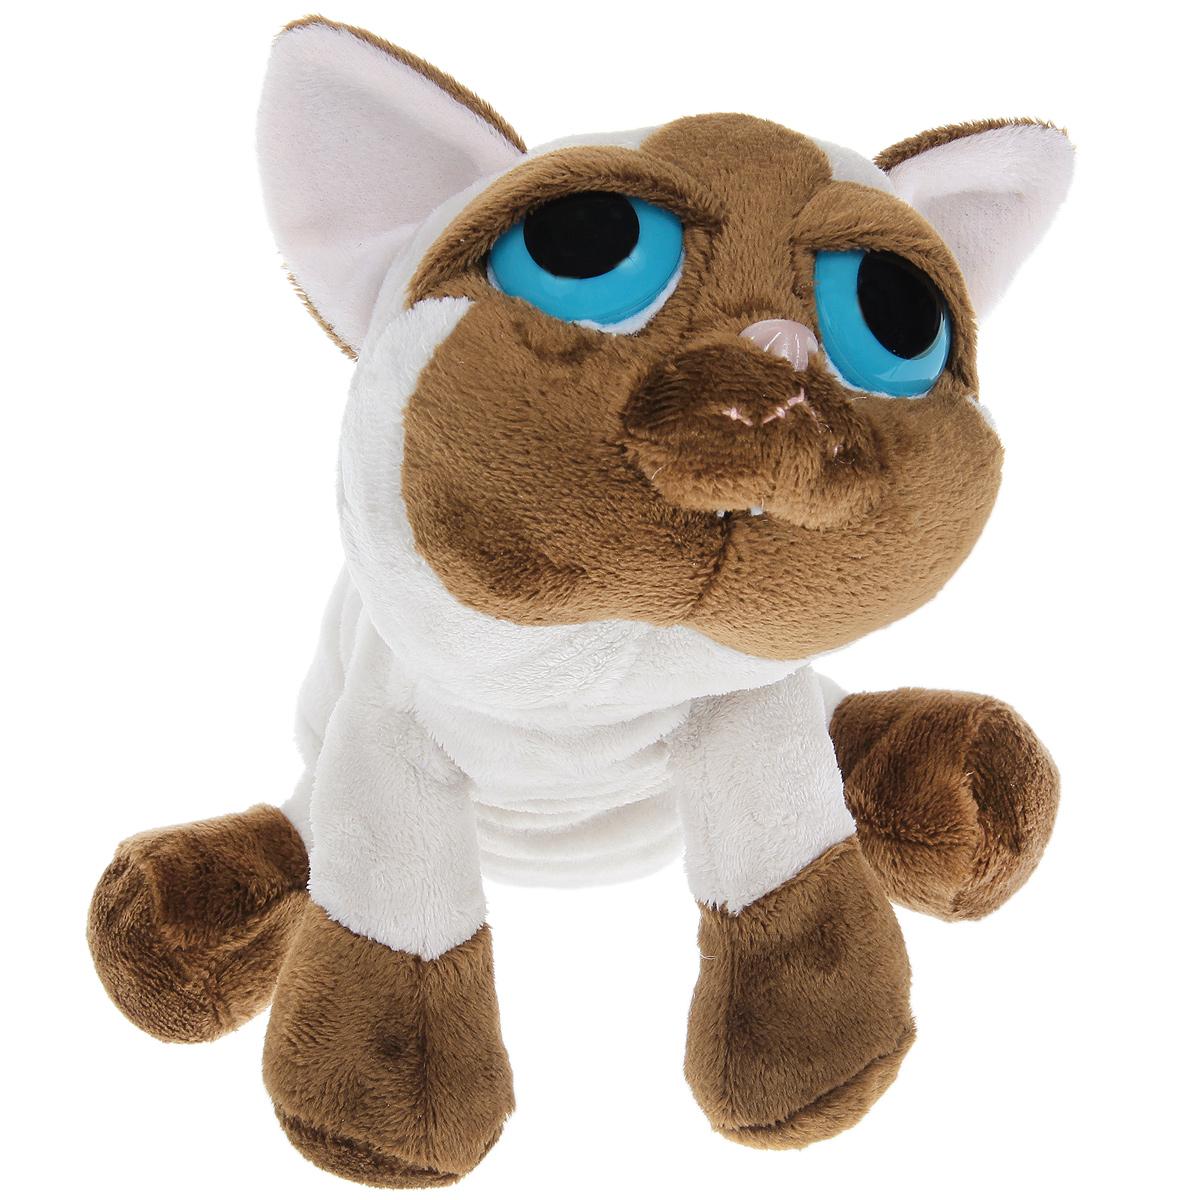 Мягкая игрушка Сиамский кот Пиперс, 25 см85053Очаровательный сиамский кот с большими печальными глазами, яркой индивидуальностью и невероятным шармом. Игрушка выполнена из высококачественных нетоксичных неаллергичных материалов. Приятна на ощупь. С полимерными гранулами внутри, способствующими развитию мелкой моторики у детей и эмоциональной релаксации у взрослых. Характеристики: Высота игрушки: 25 см. Материал игрушки: полиэстер, пластик. Материал набивки: синтепон. Изготовитель: Китай.